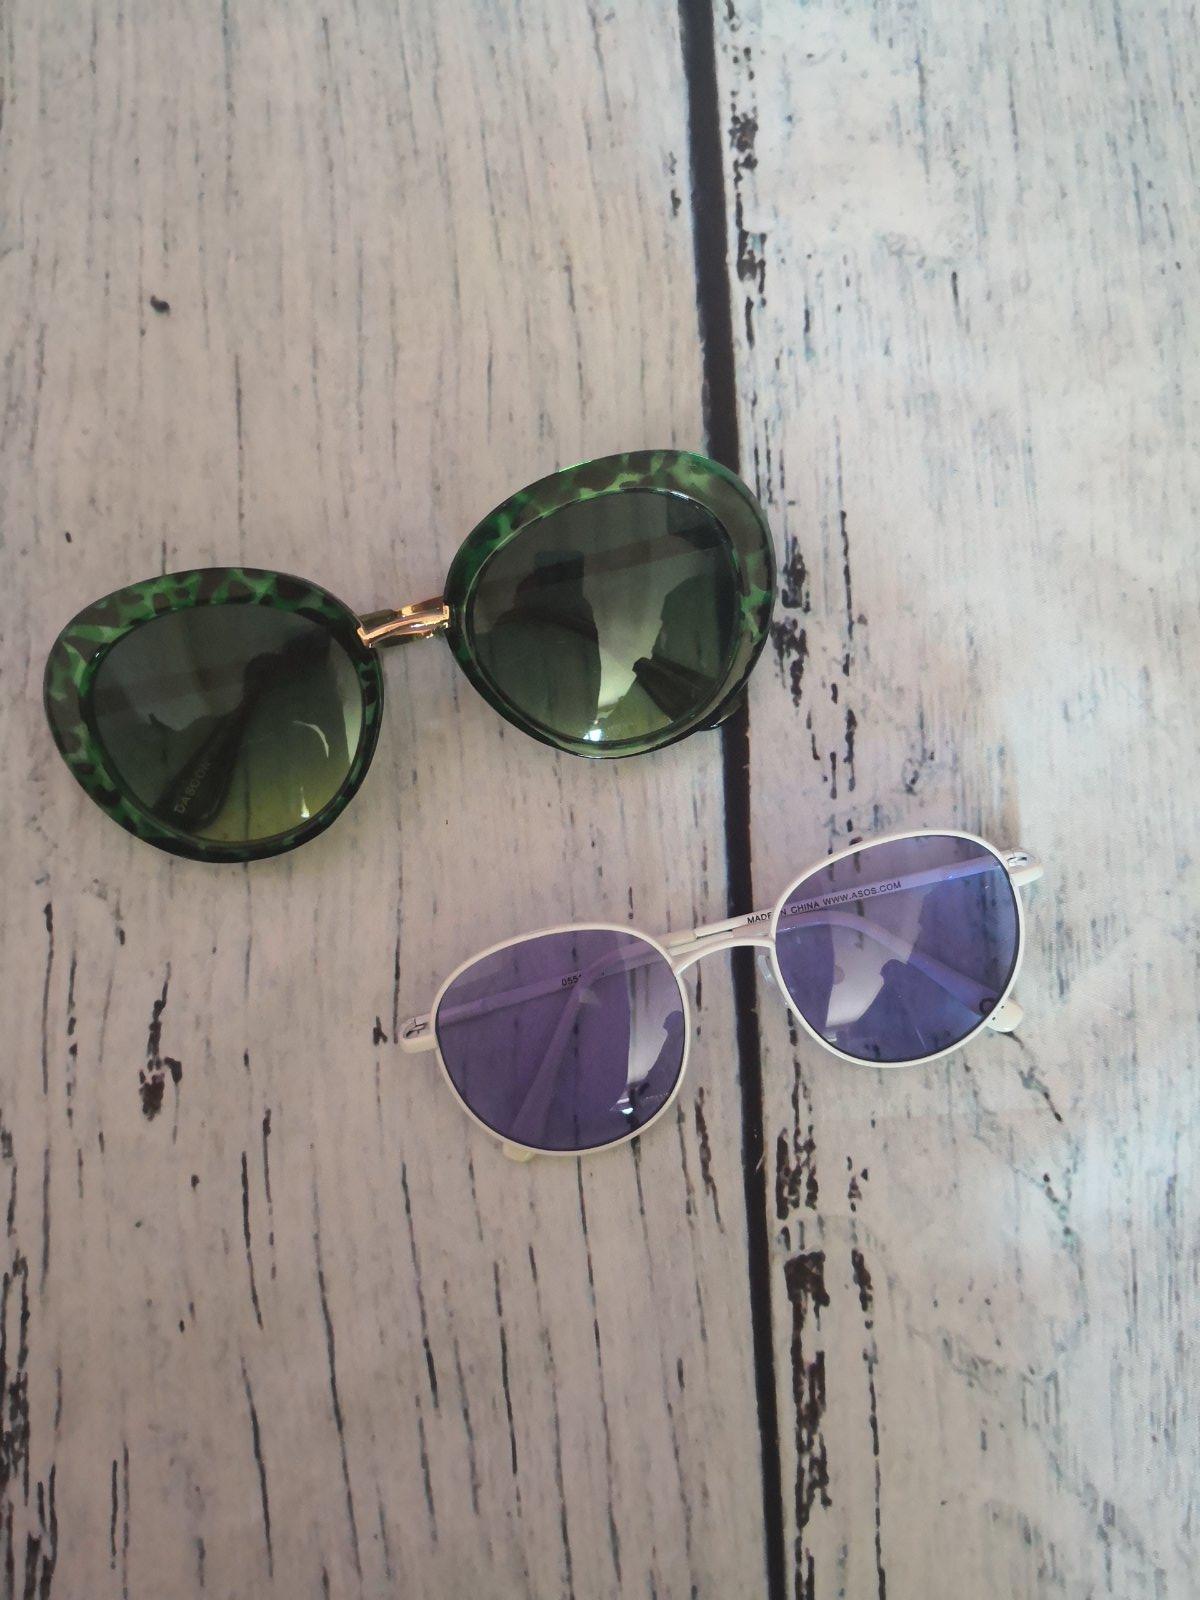 b2a6f0639 Okuliare s farebnými sklami, - 4 € od predávajúcej martyc | Detský bazár |  ModryKonik.sk